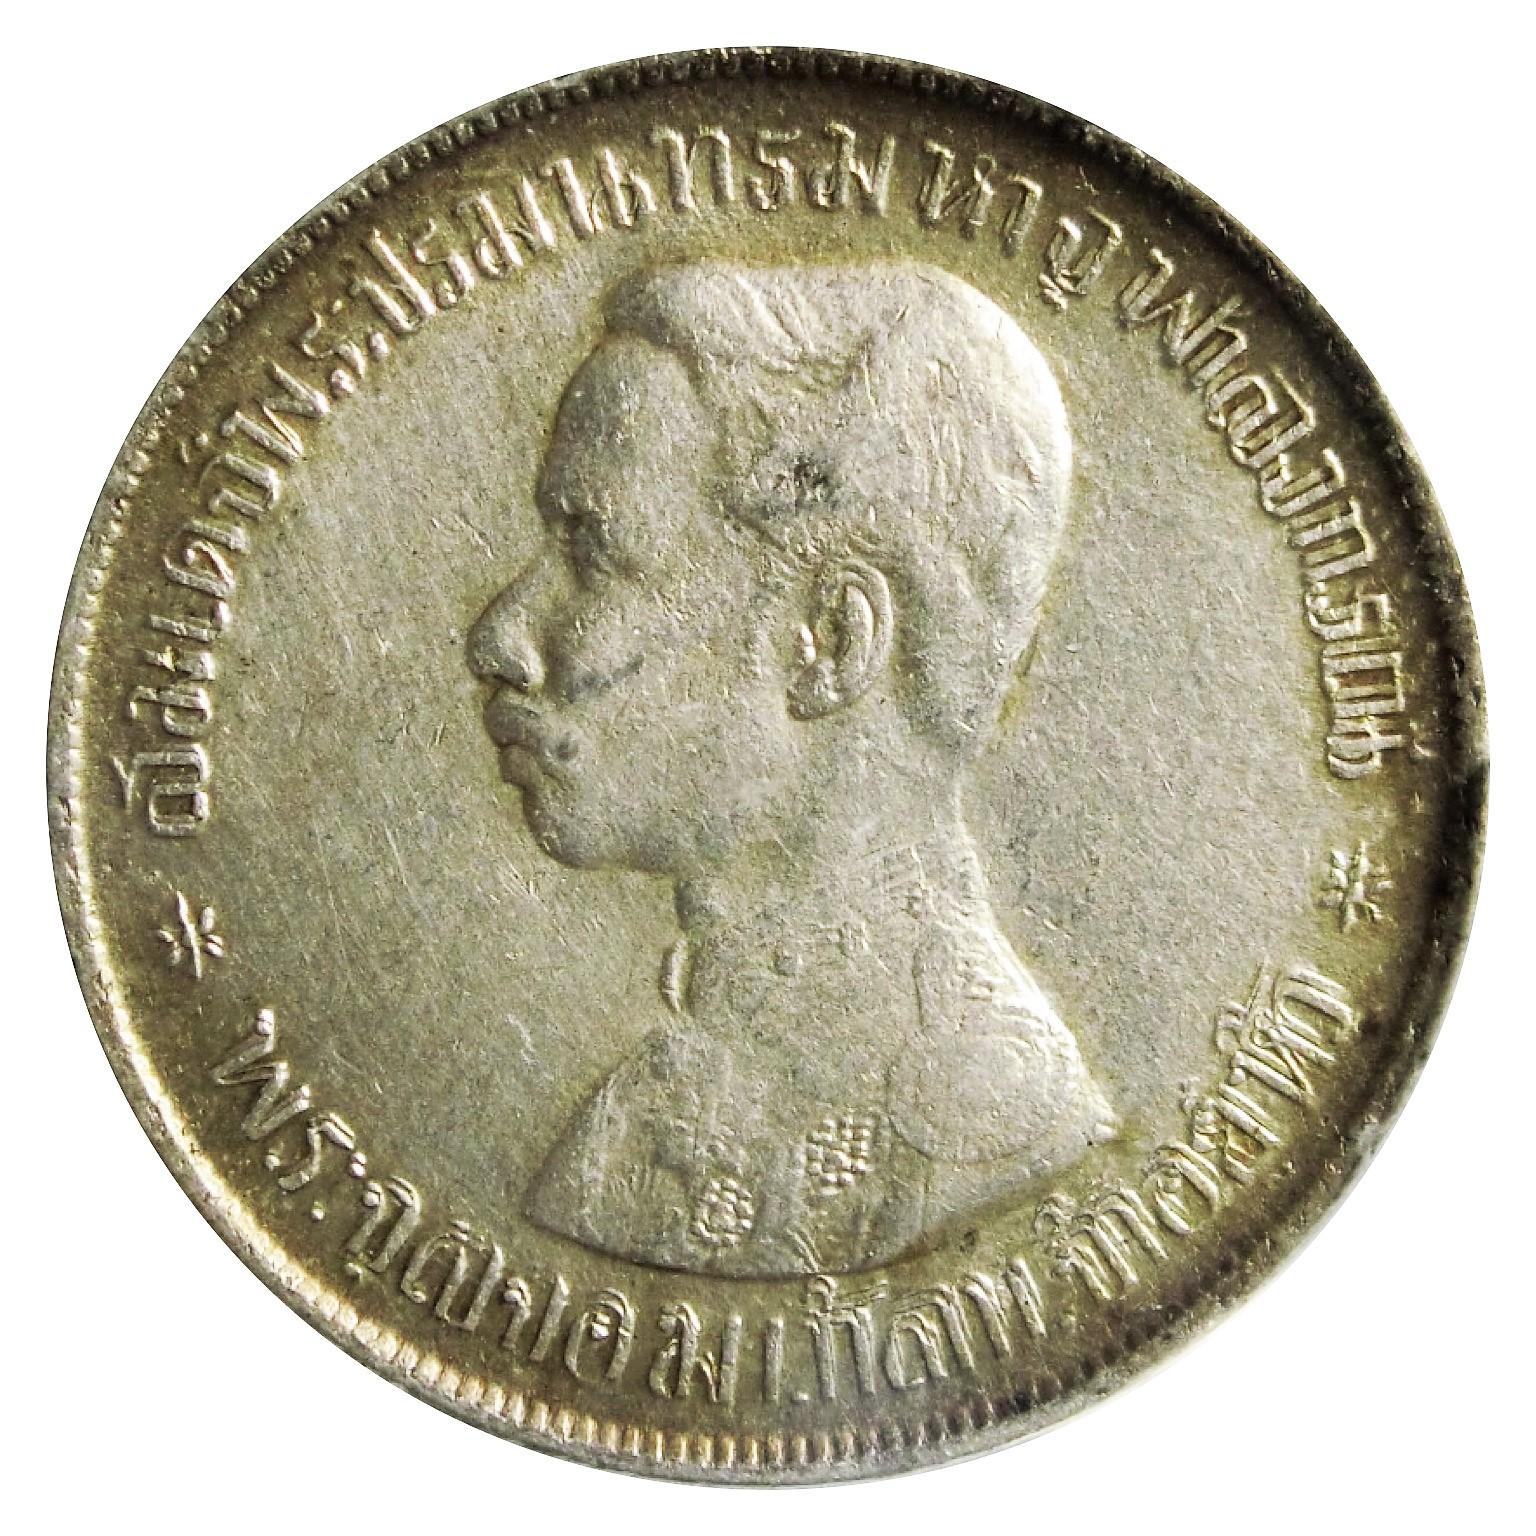 เหรียญเงินบาท ตราแผ่น ร.ศ.124 รัชกาลที่5 AU Details